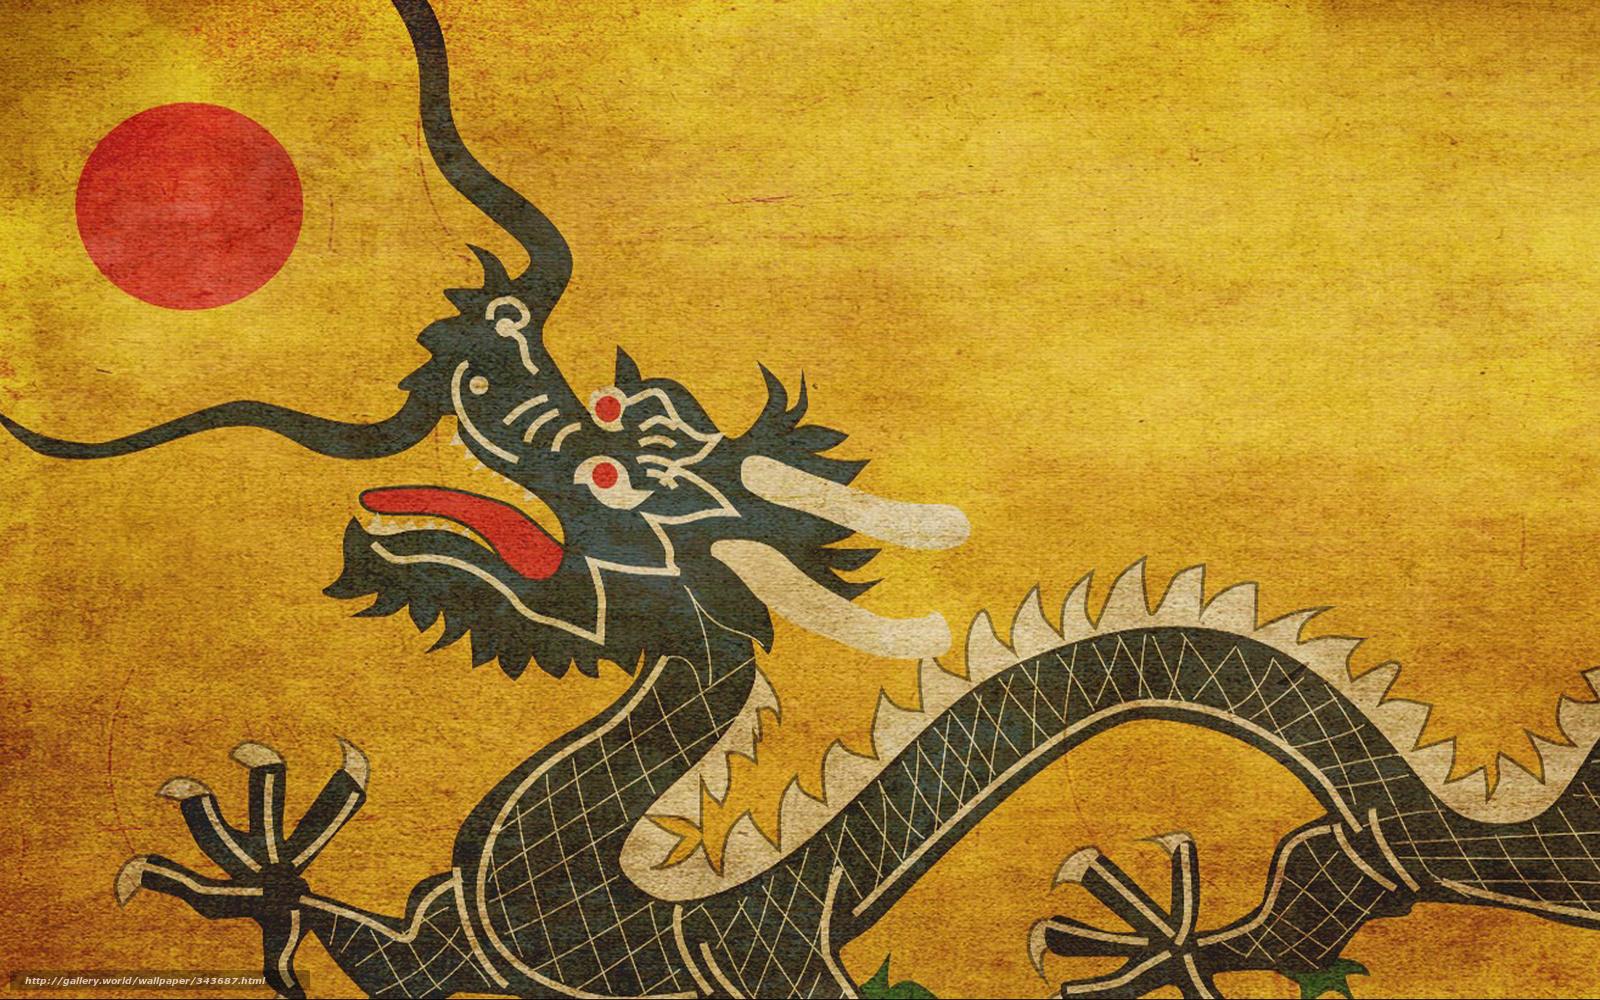 tlcharger fond decran japon drapeau dragon fonds decran gratuits pour votre rsolution du bureau 1920x1200 image 343687